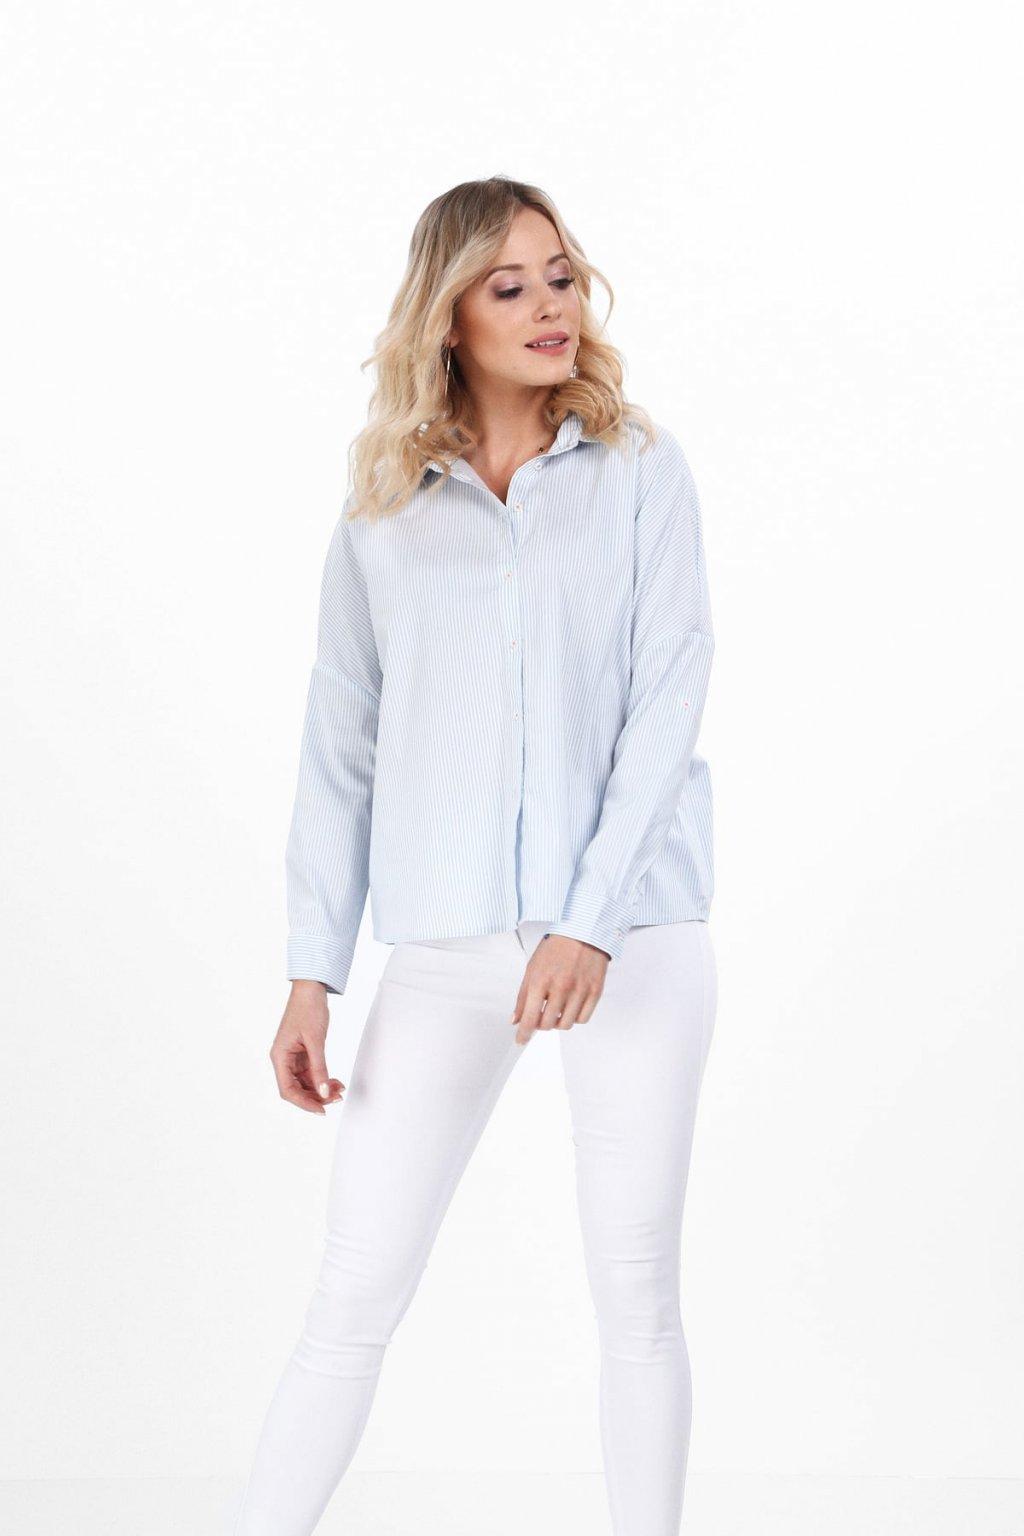 Volná košile Fasardi s modrými pruhy